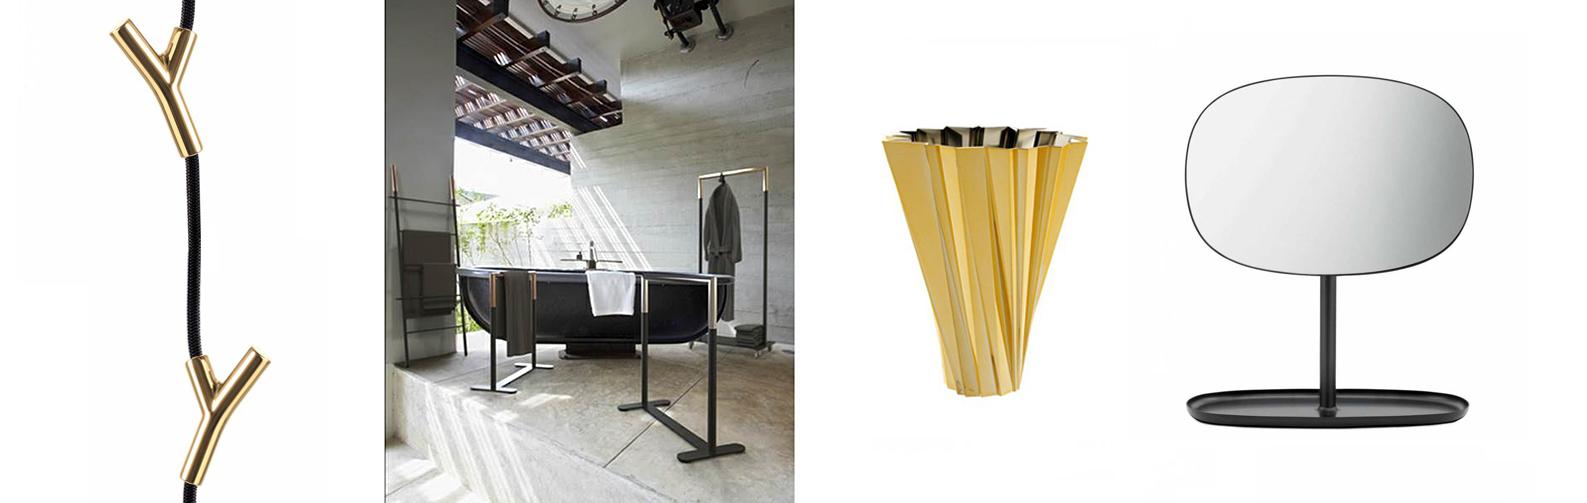 Frost Bukto Leiter, Authentics Wardrope Garderobe, Kartell Shanghai Vase und Normann Copenhagen Flip Spiegel